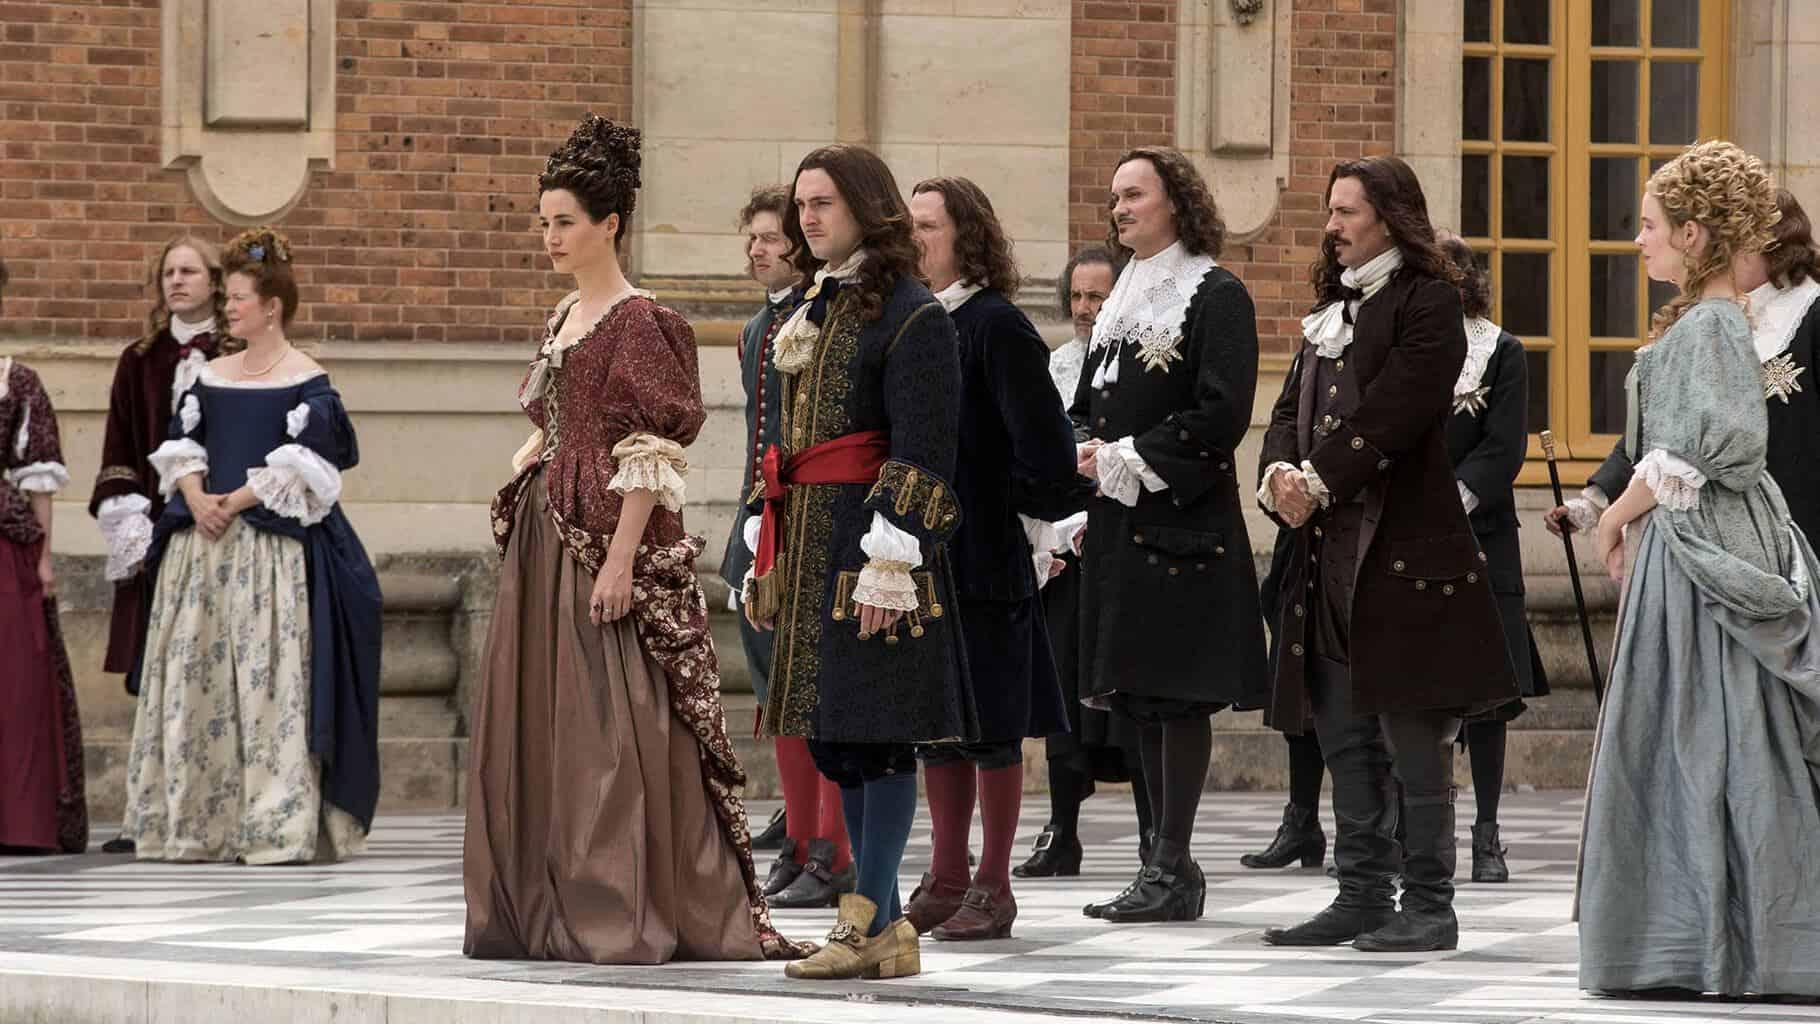 Elisa-Lasowski-and-George-Blagden-in-Versailles-court